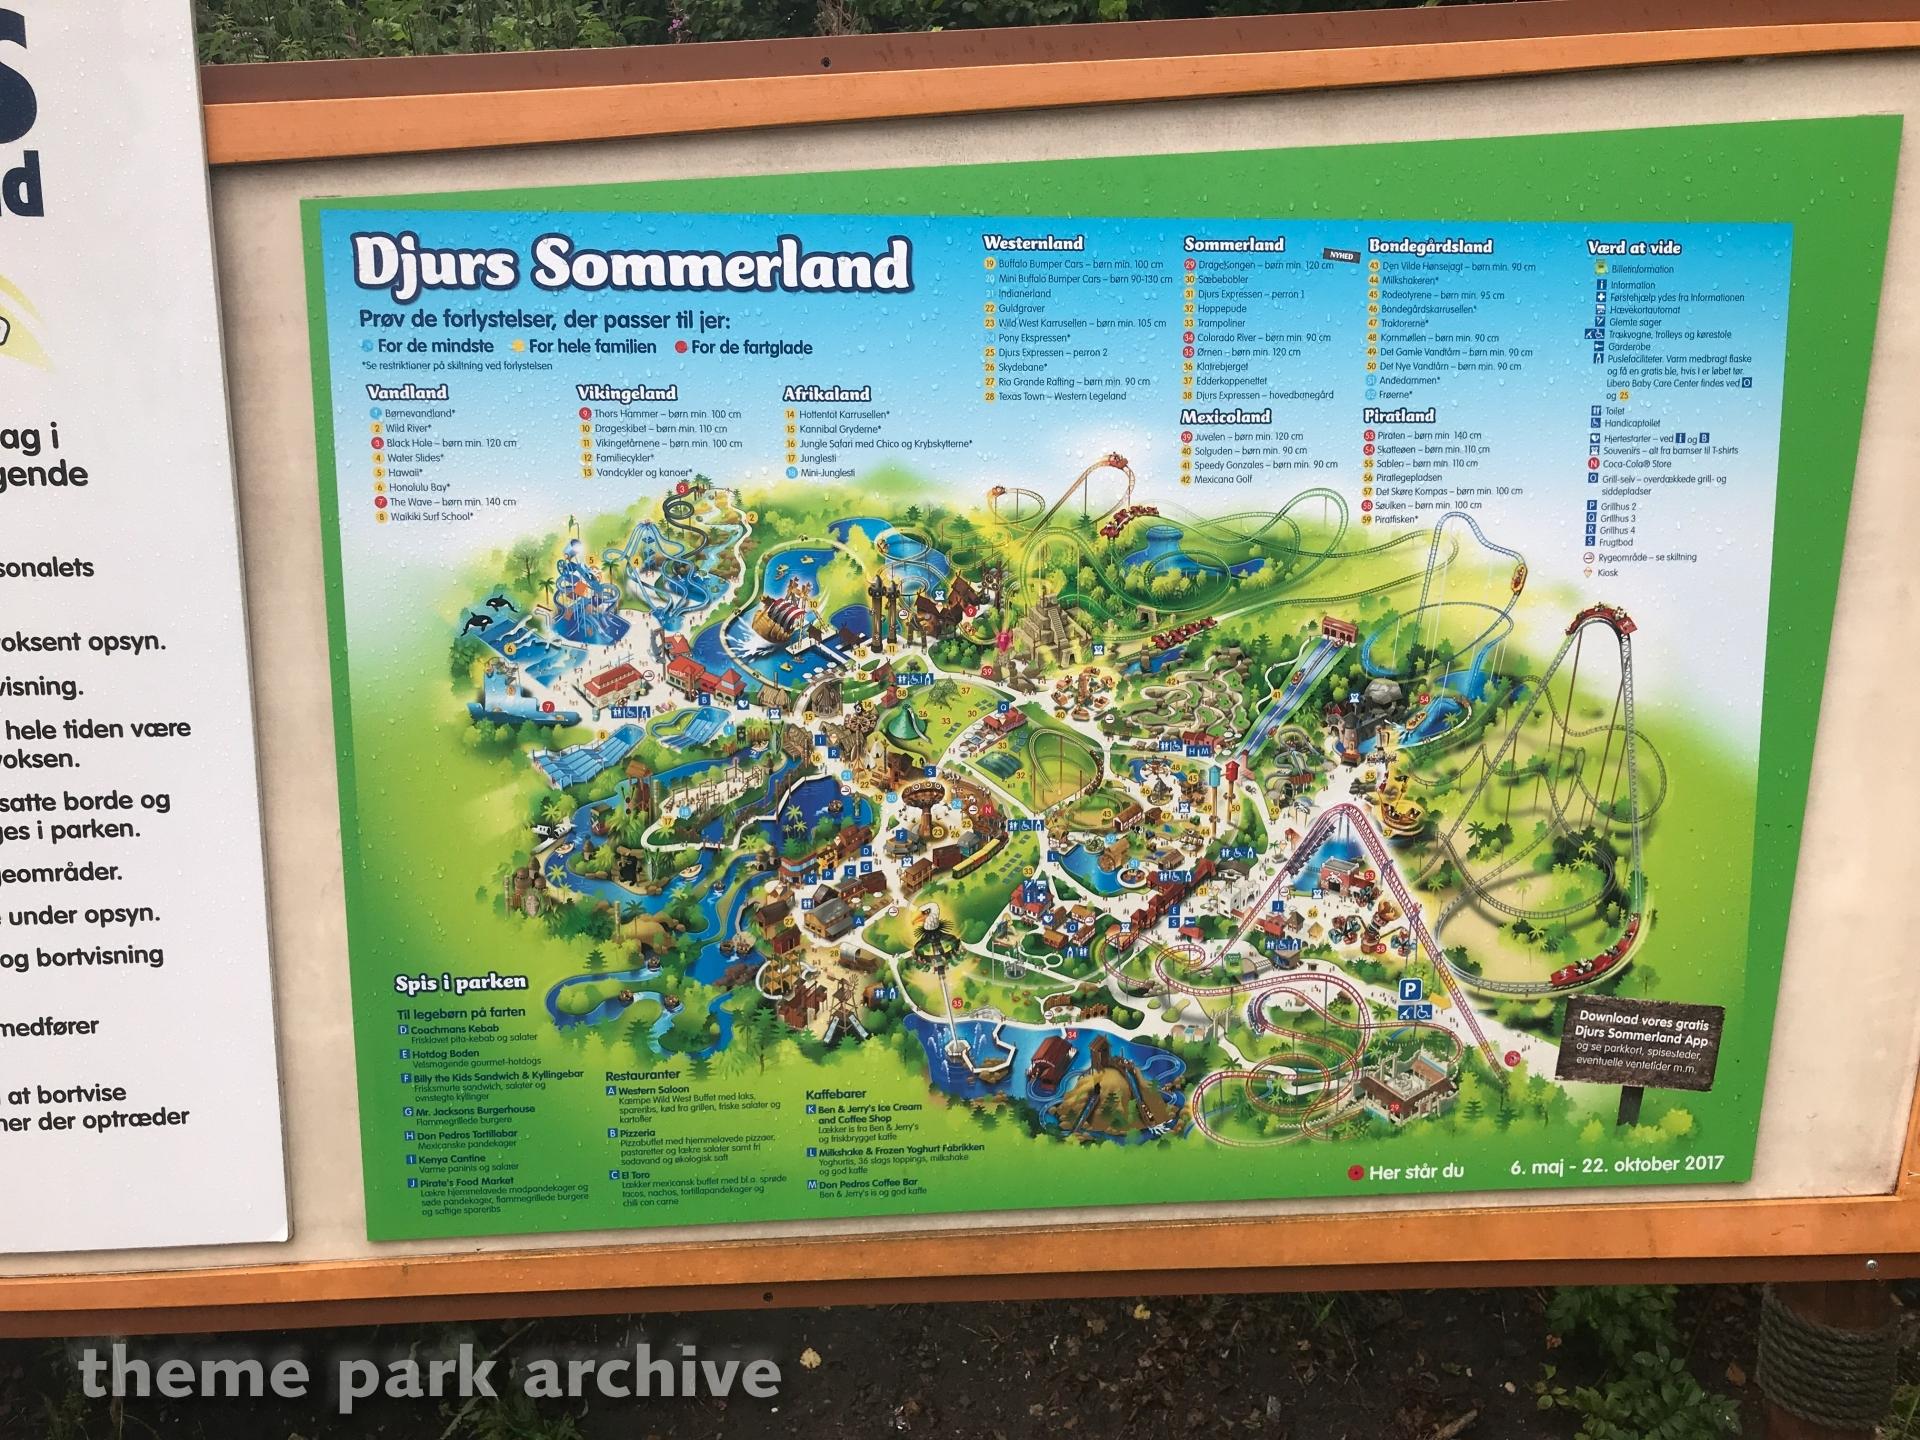 Misc at Djurs Sommerland